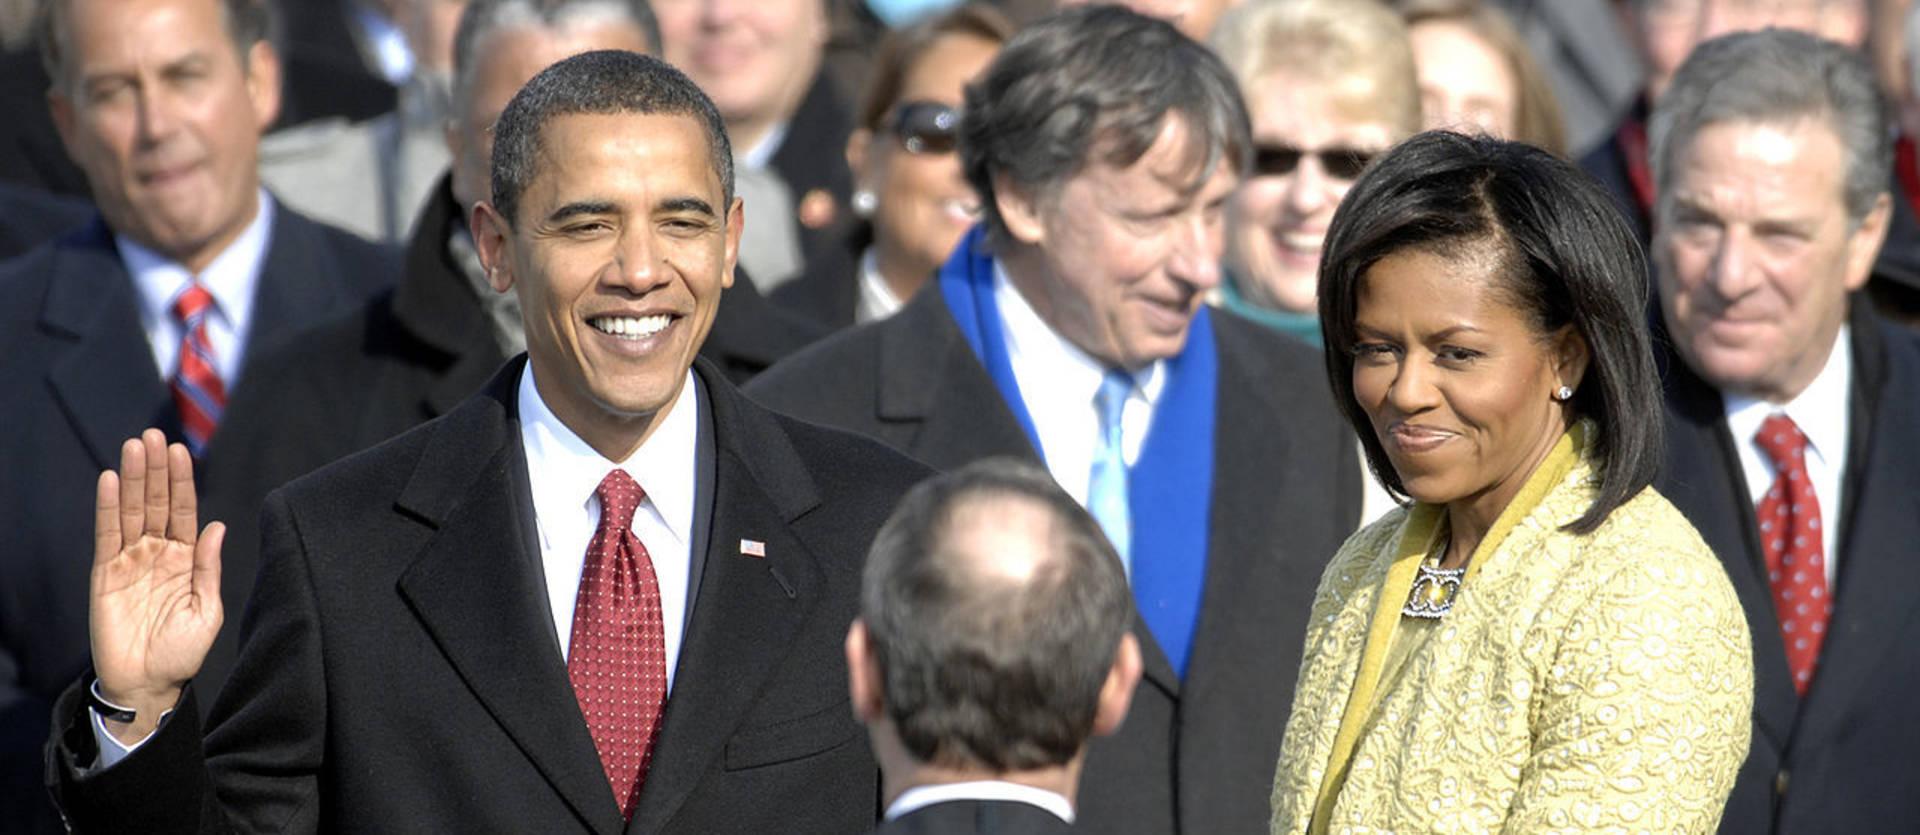 La crisis económica y el ansia de cambio encumbran a Obama (2008)